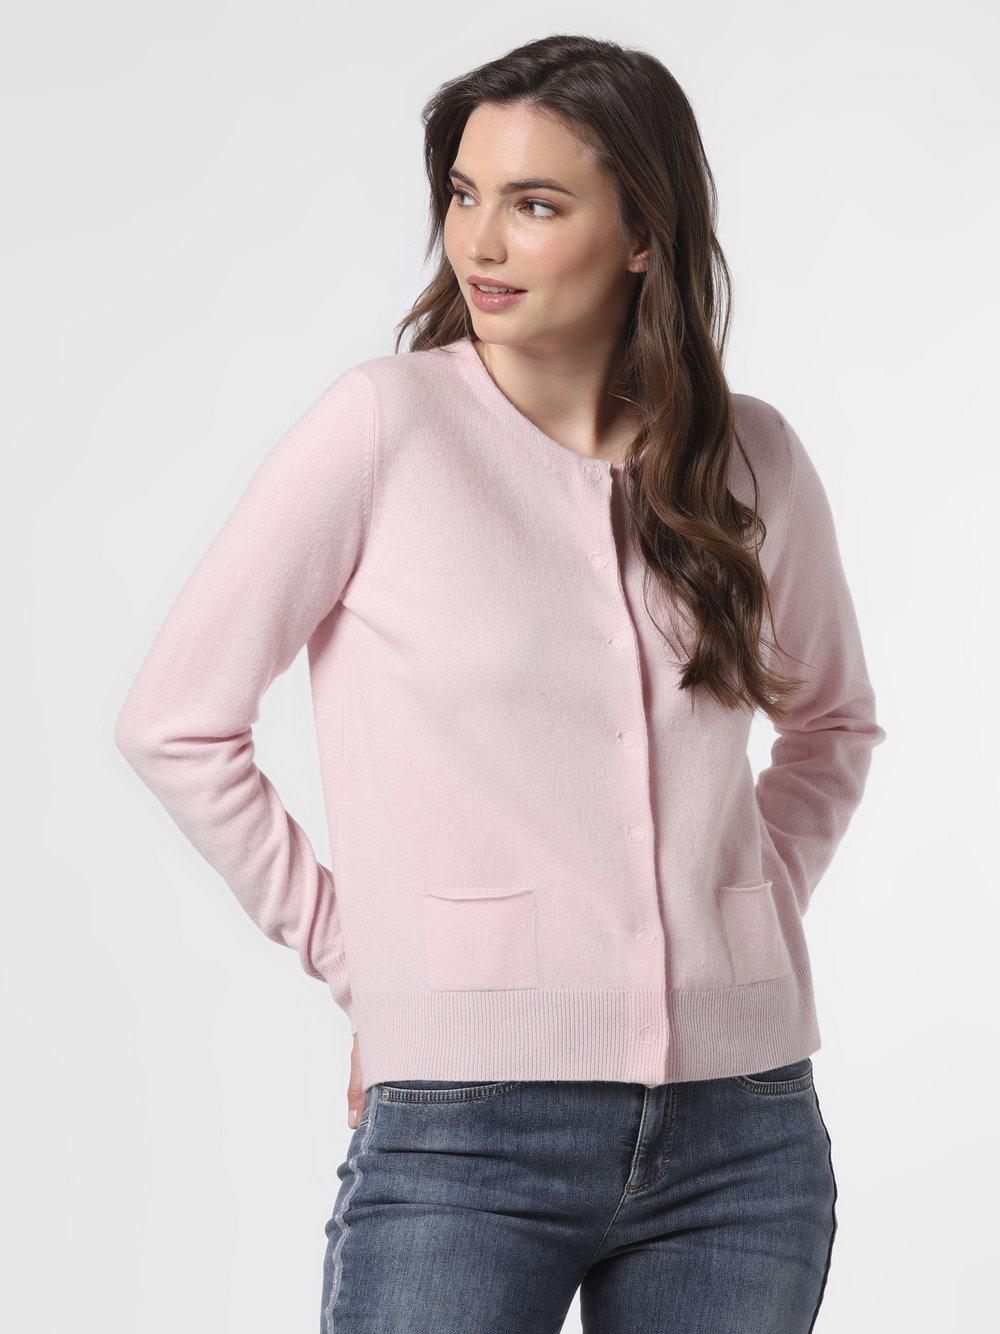 SvB Exquisit – Kardigan damski z czystego kaszmiru, różowy Van Graaf 461341-0005-00440